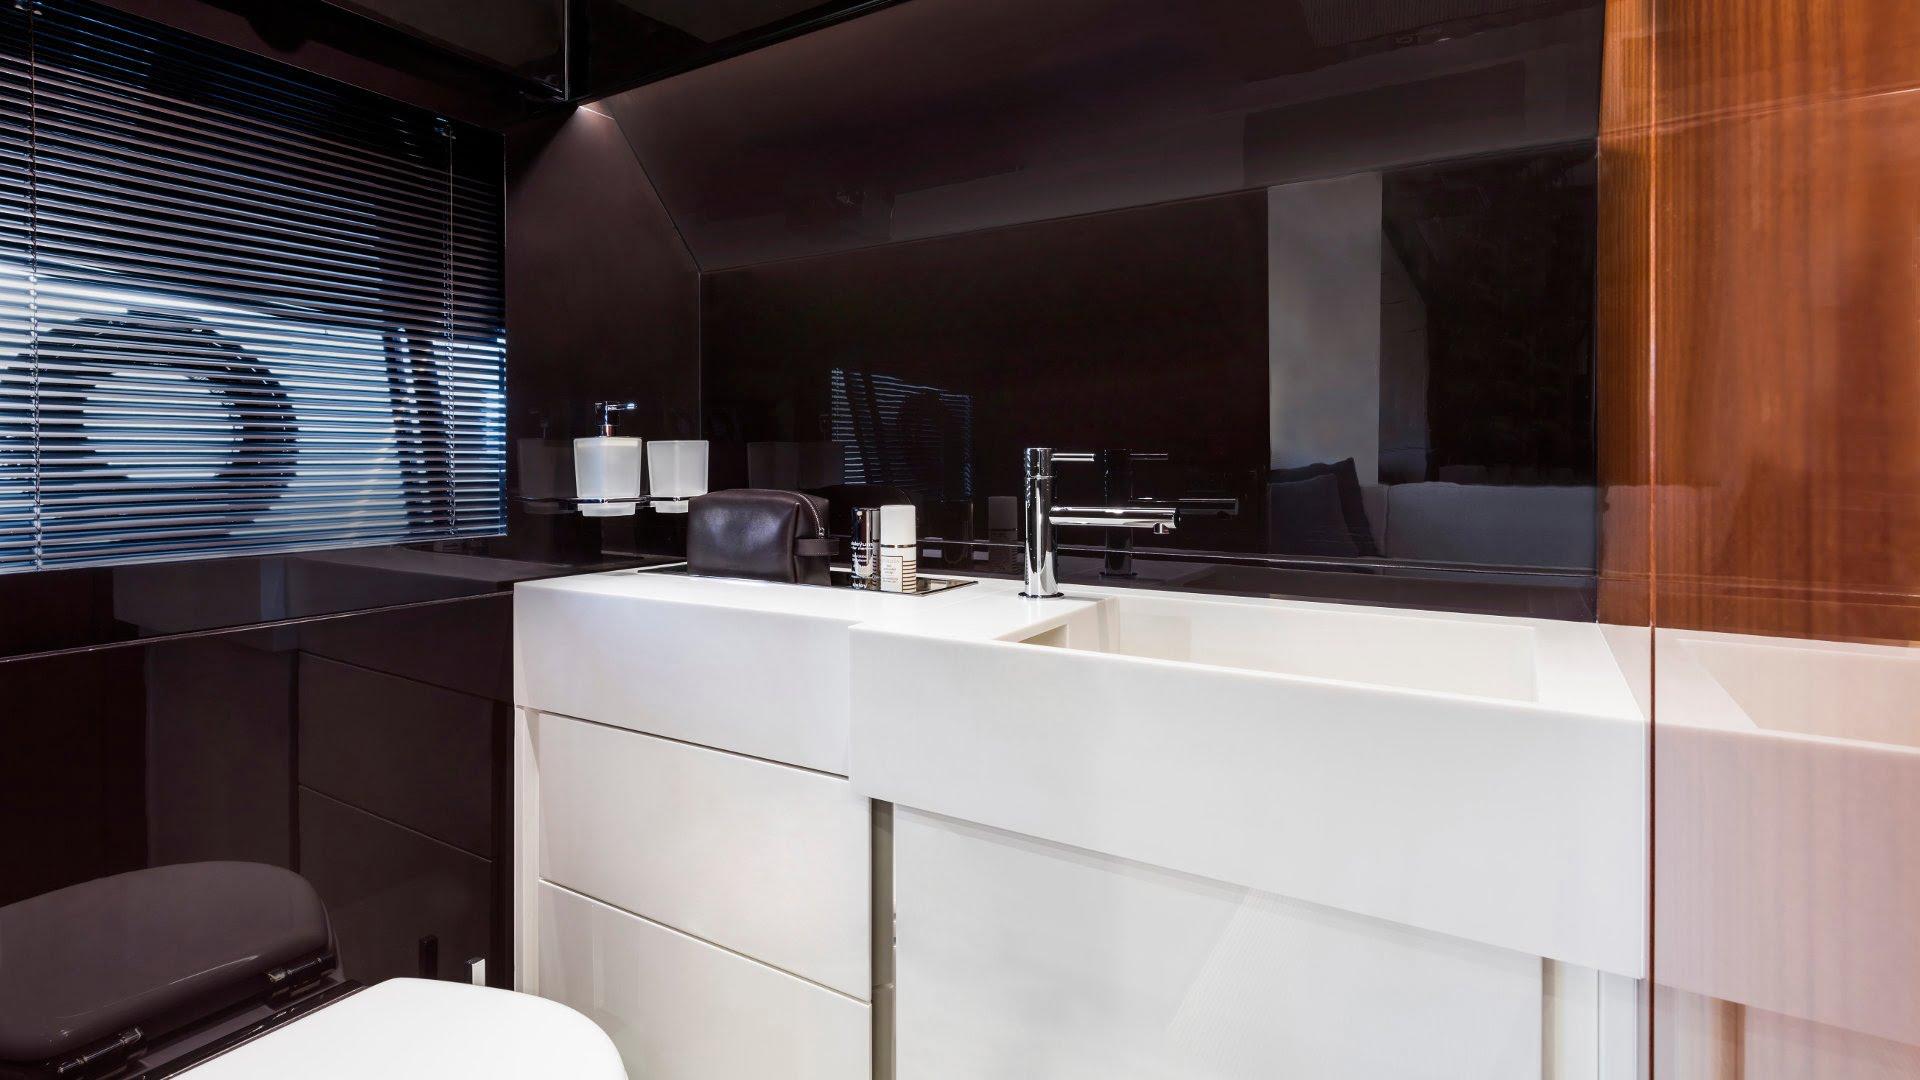 Riva-56-Rivale-interiores (4)